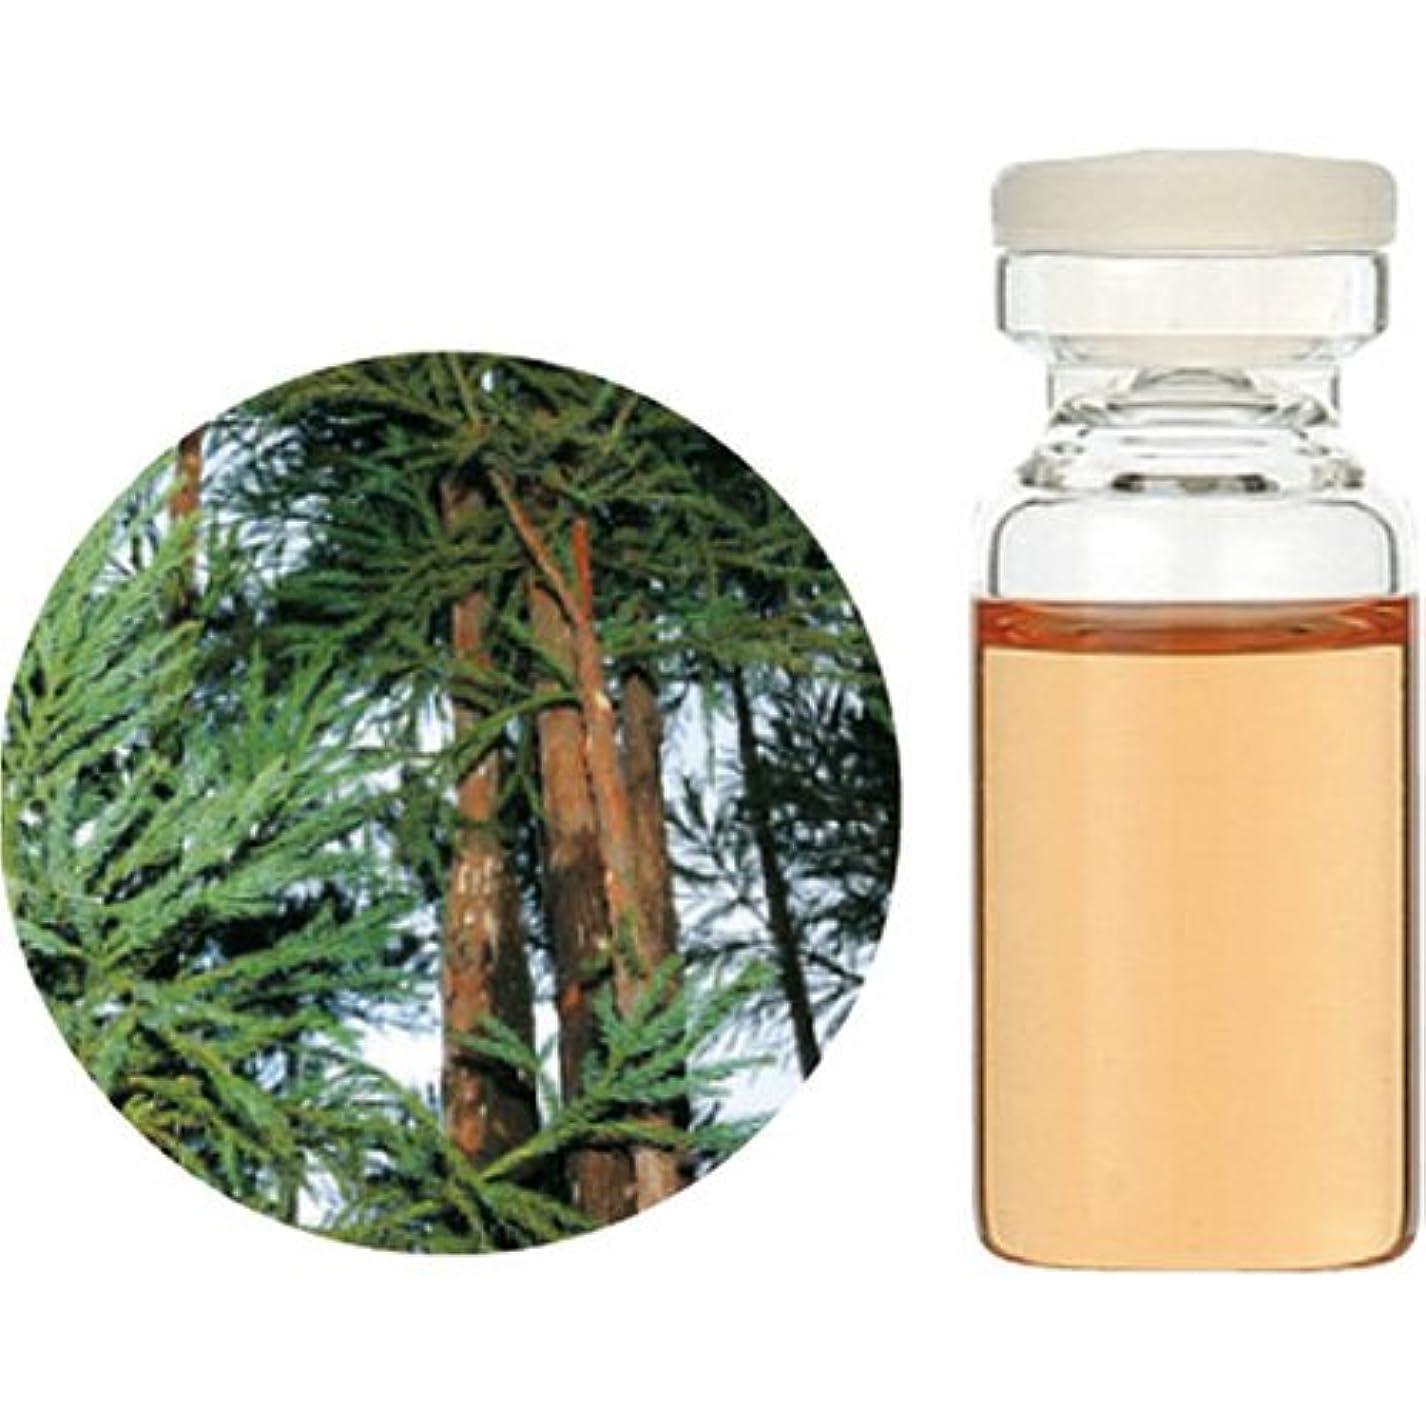 ドライジャーナル面白い生活の木 C 和精油 杉 (木部) エッセンシャルオイル 10ml